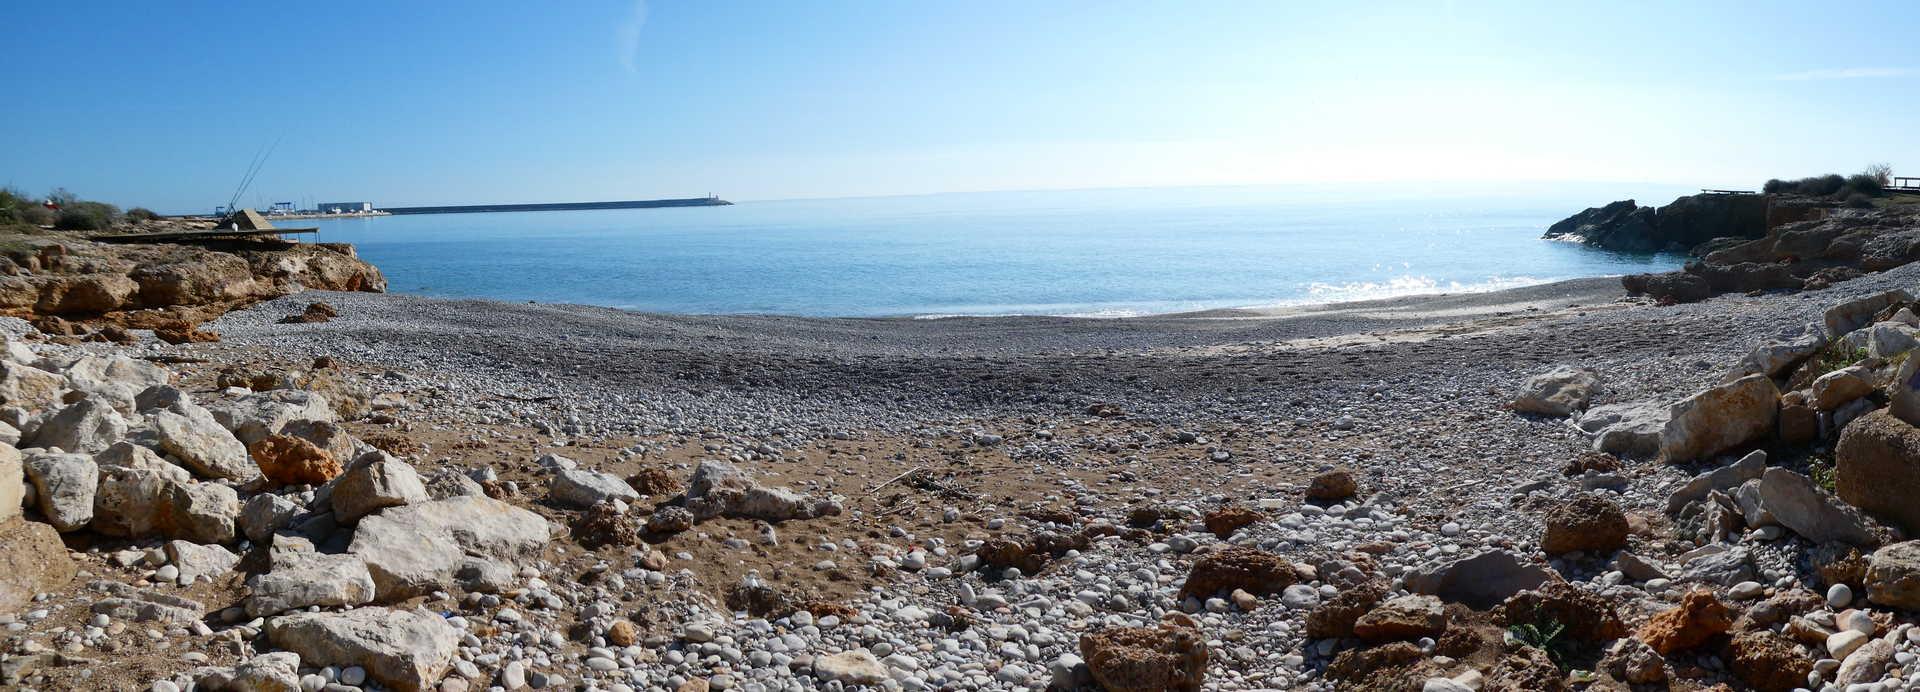 La Noria Cove